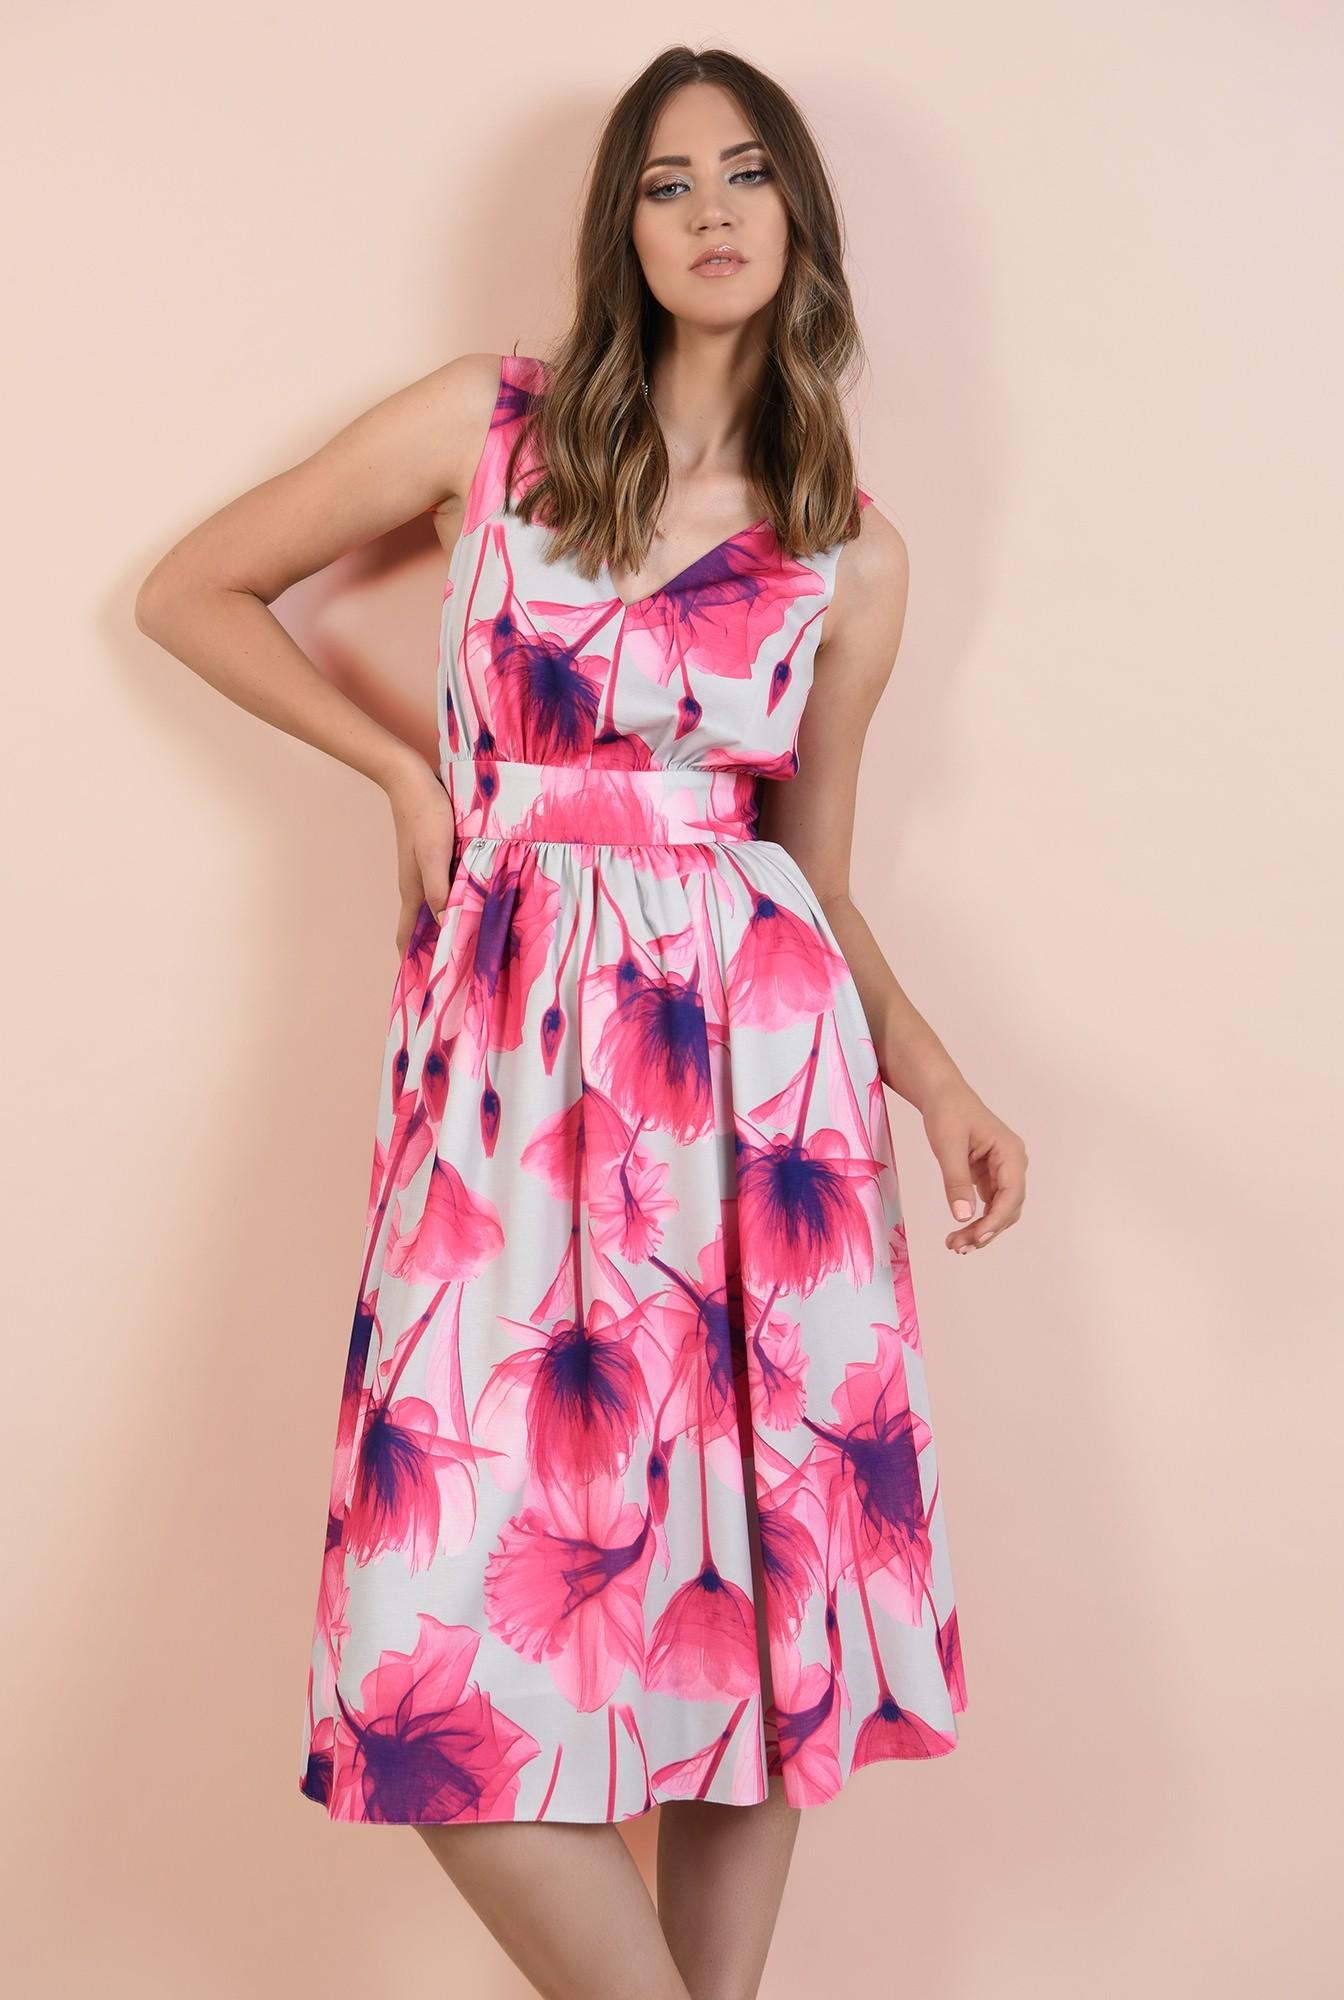 rochie eleganta, croi pe bie, decolteu in V, midi, evazata, cu flori